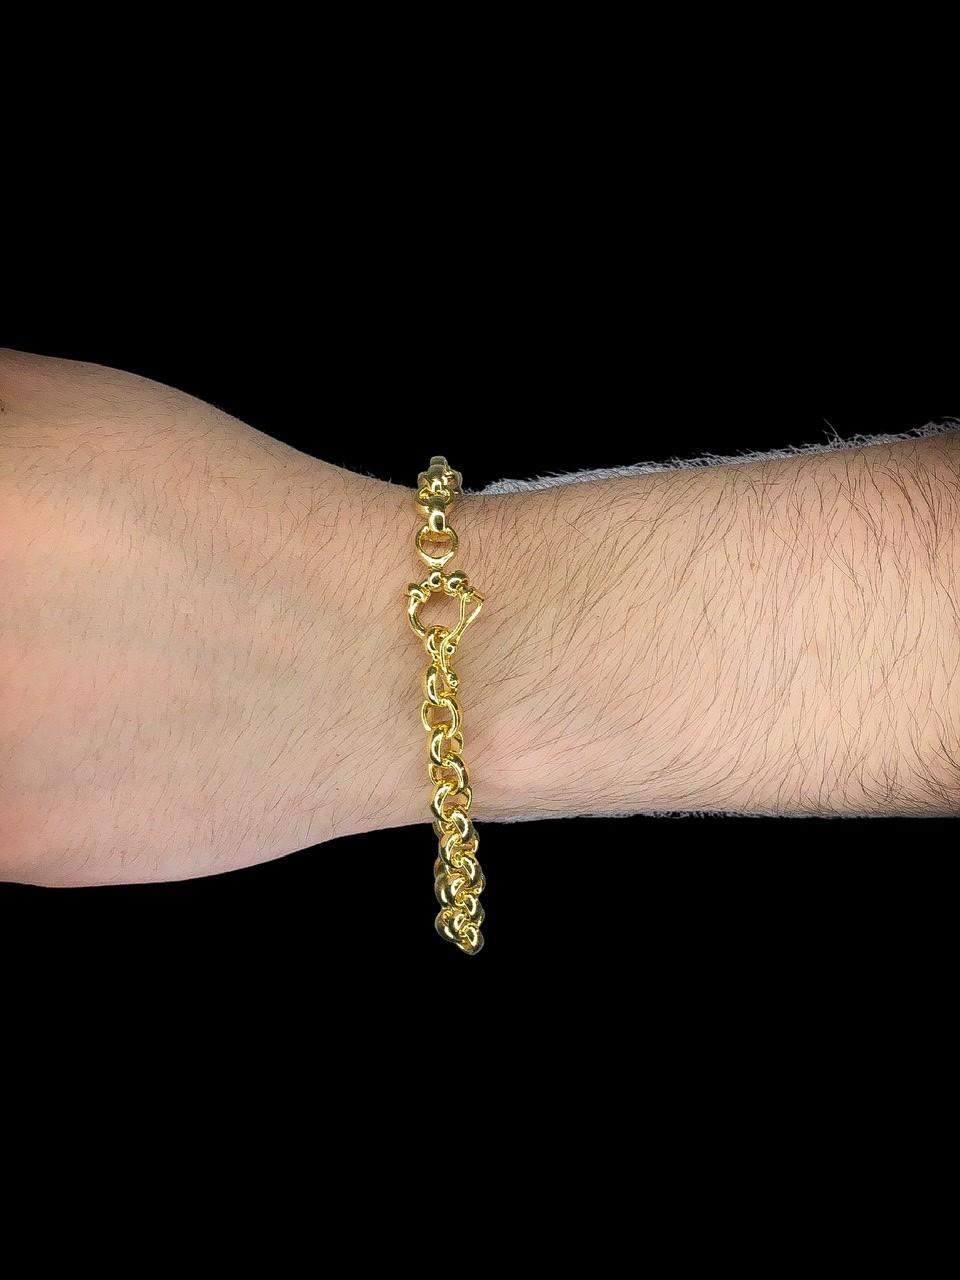 Pulseira elo Português -  6 milímetros - 22 Centímetros - fecho bóia - Banhado a ouro 18 k